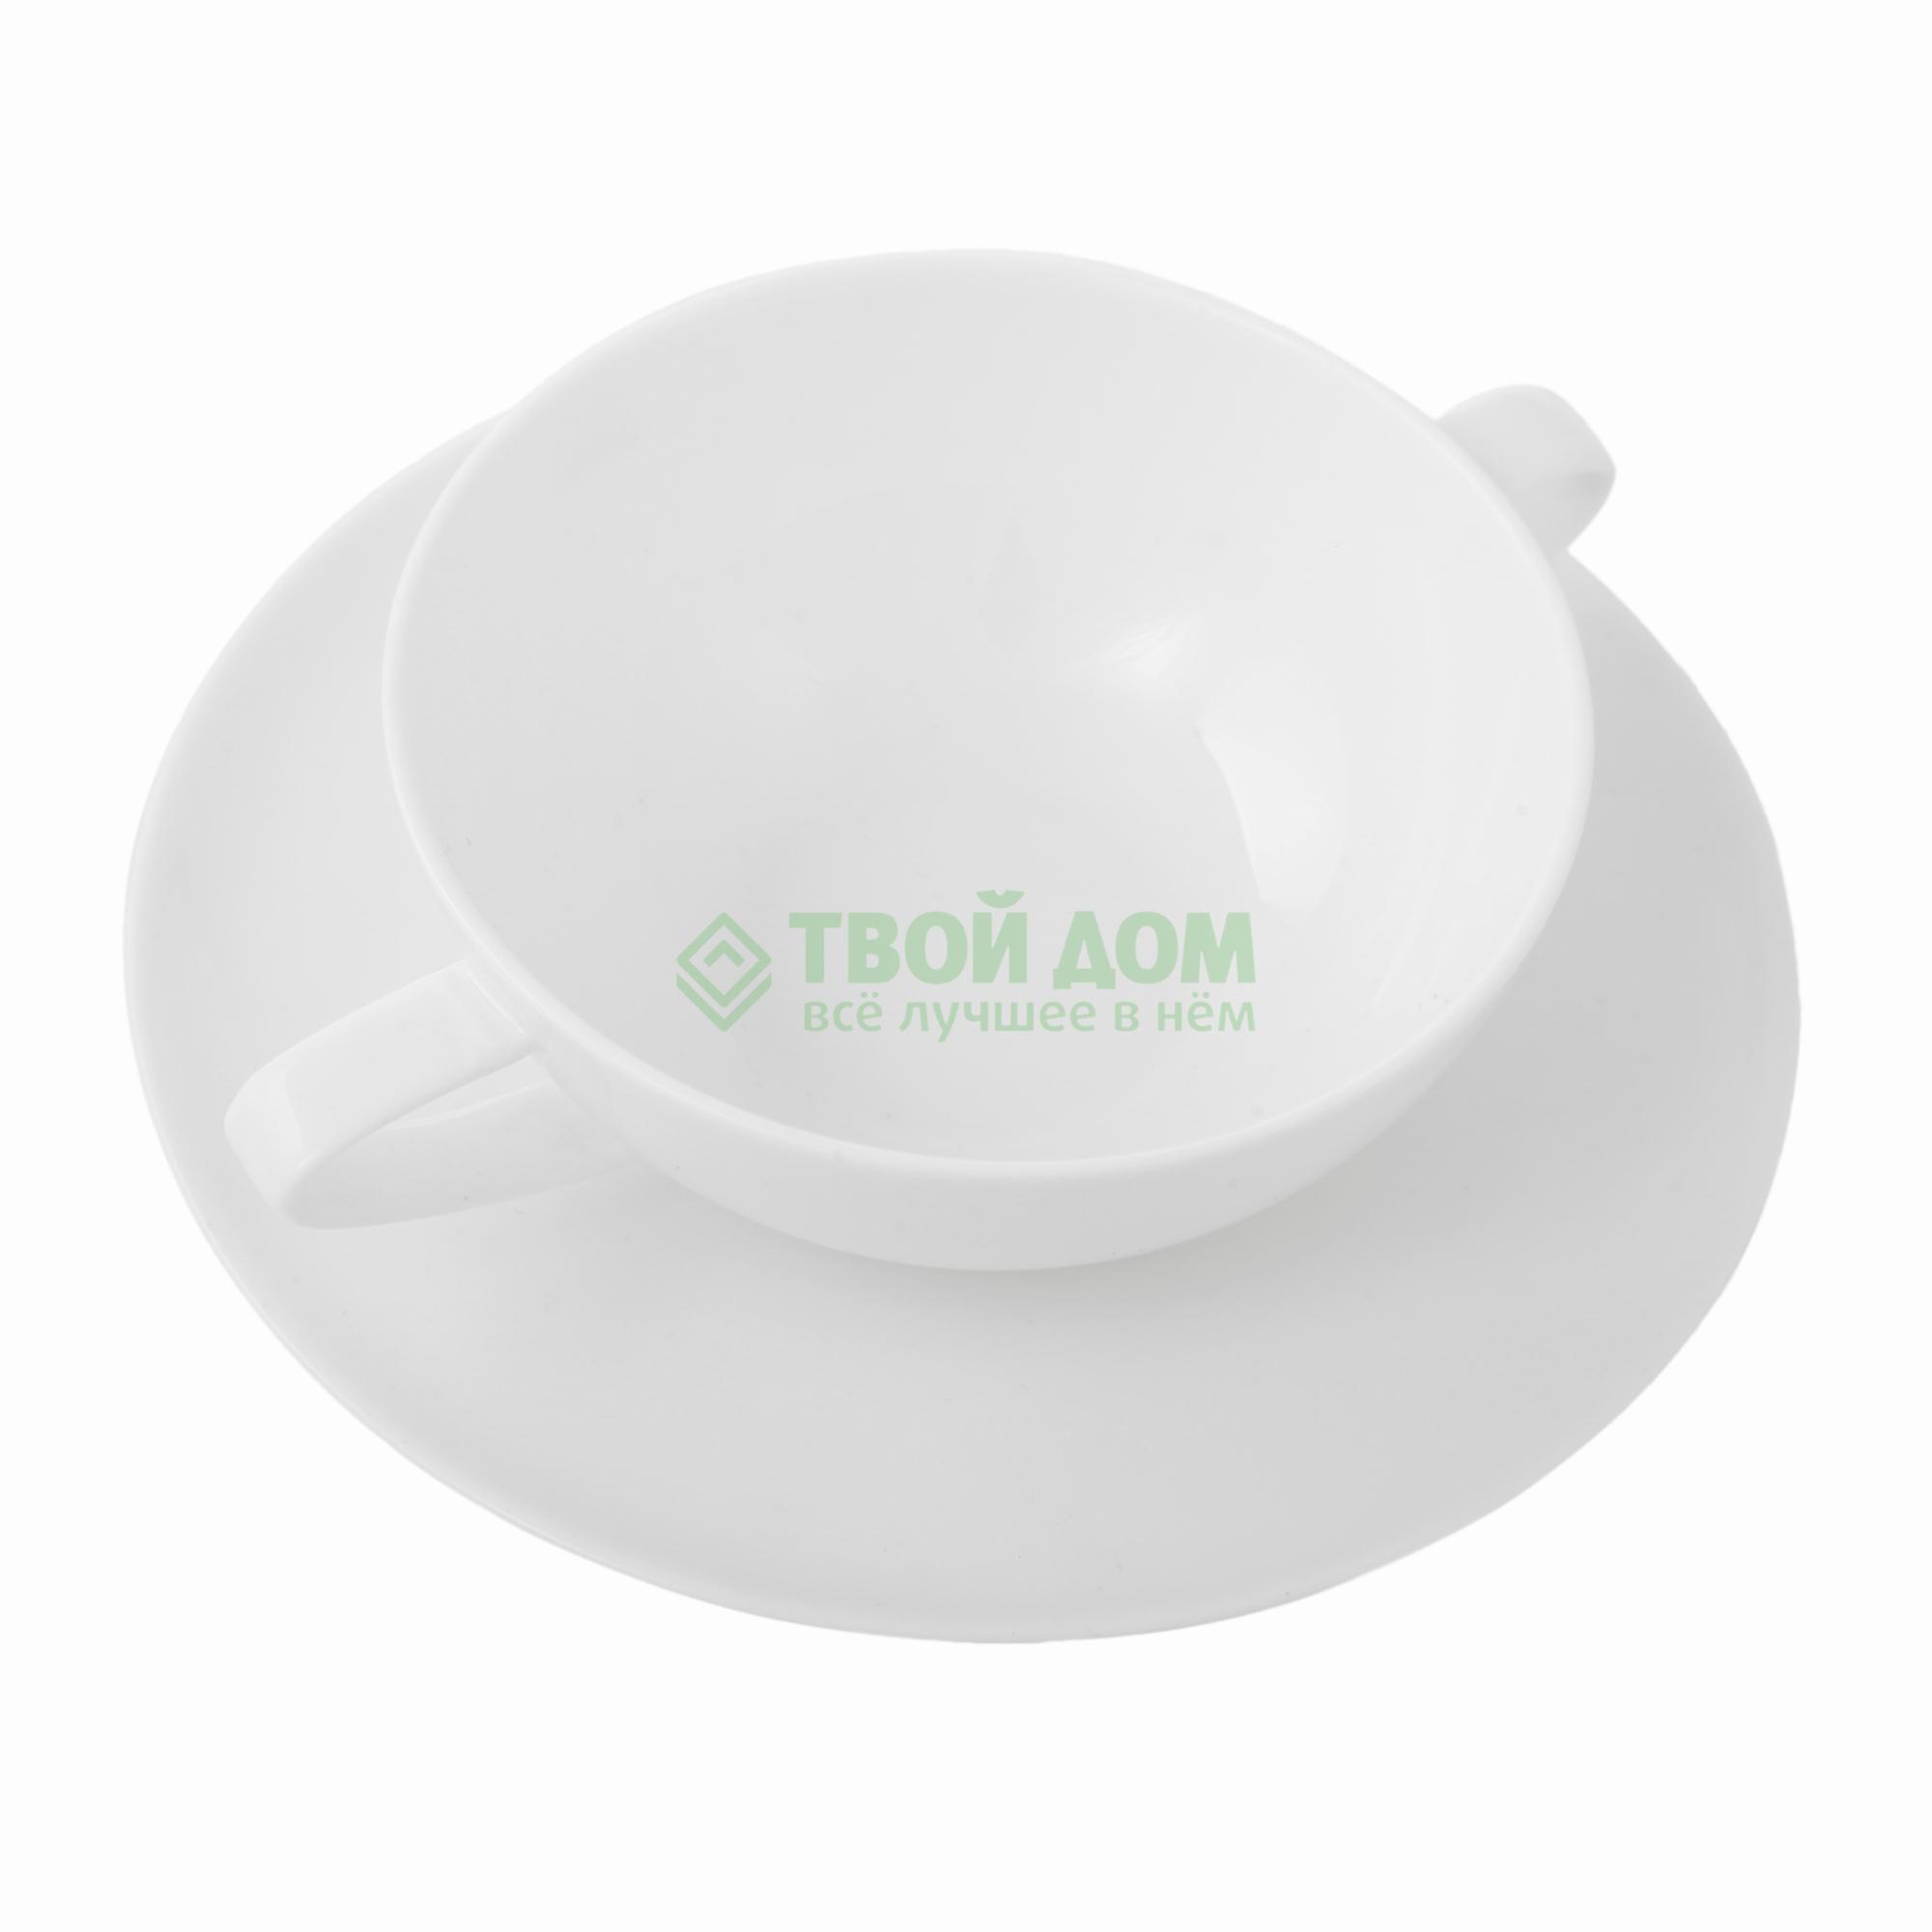 Фото - Чаша для супа Asa Selection A Table 13 см тарелка asa selection a table 25 см